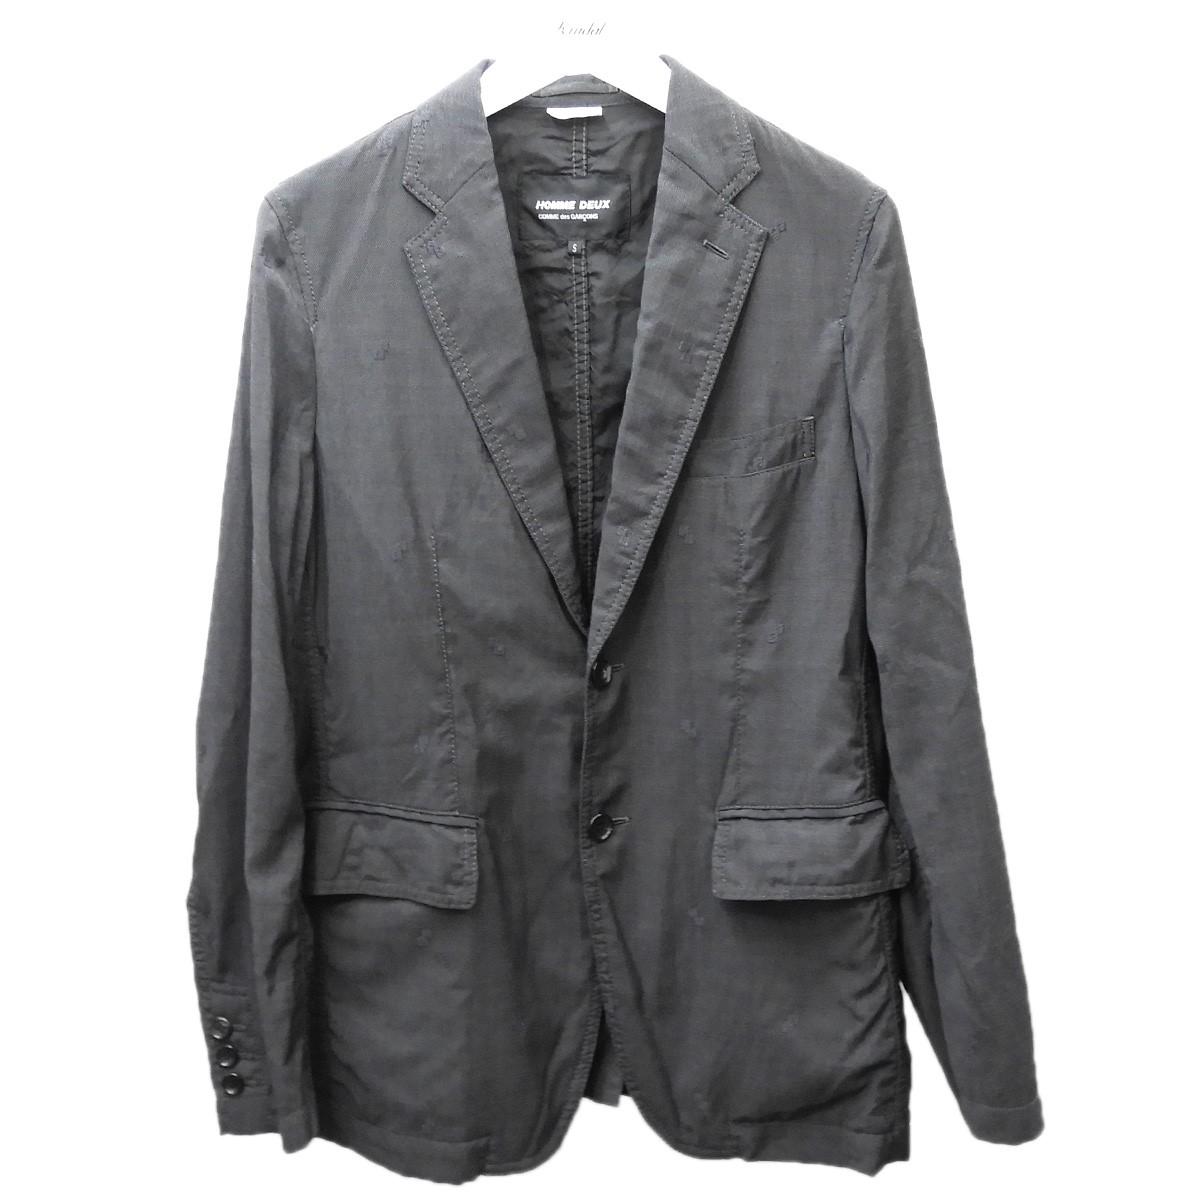 【中古】COMME des GARCONS HOMME DEUX 2019AW テーラードジャケット グレー サイズ:S 【060720】(コムデギャルソンオムドゥ)